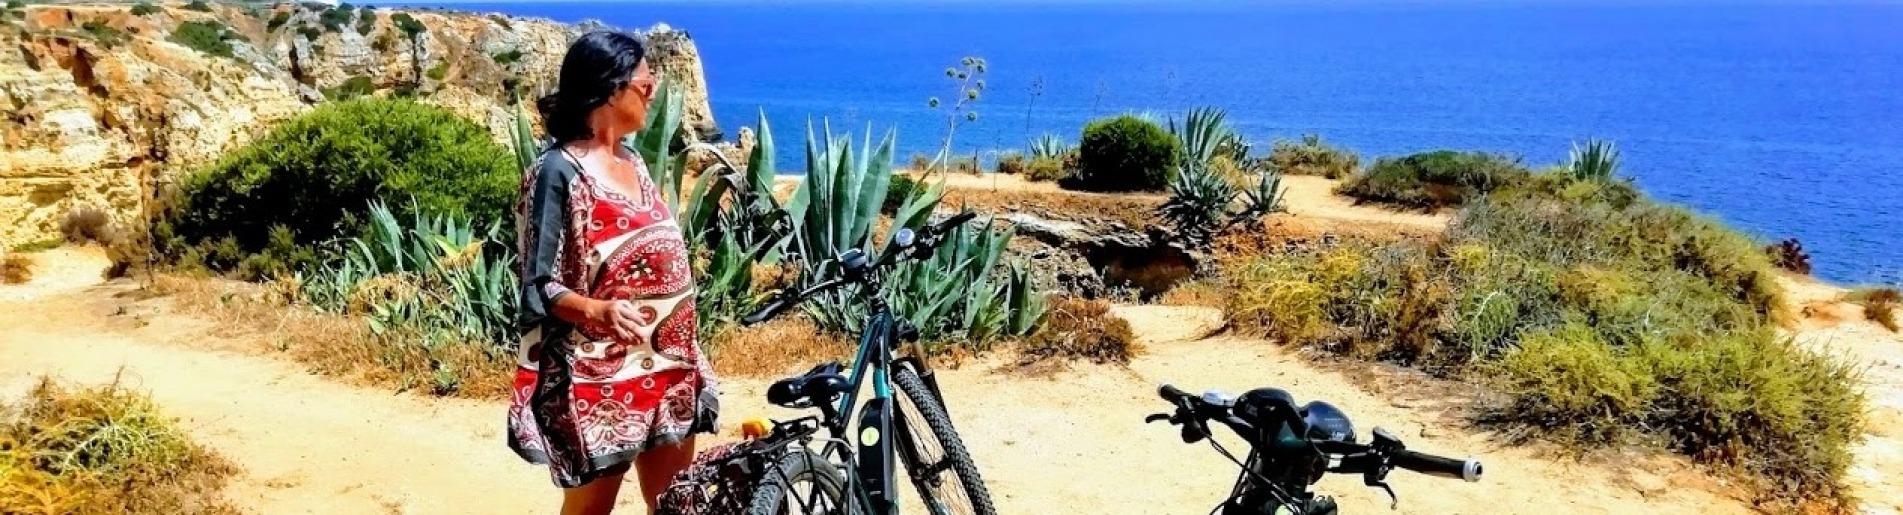 cycling_algarve-5